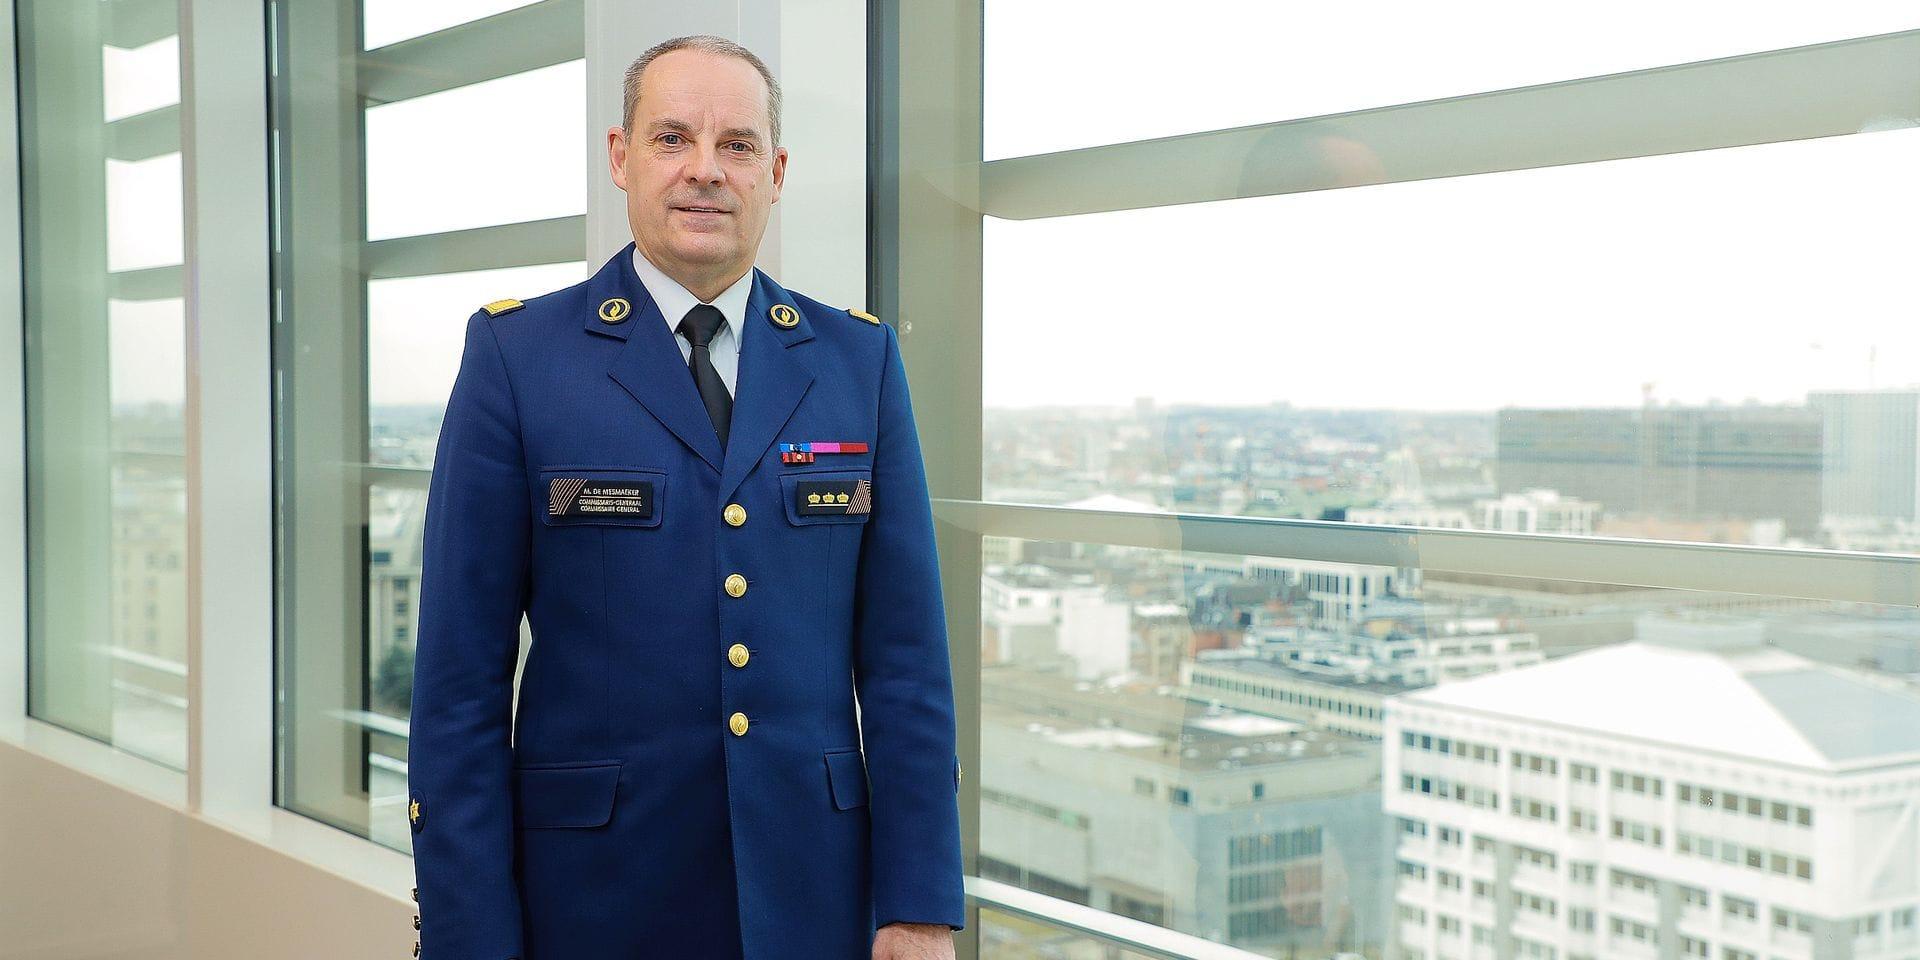 Le patron de la police veut réformer le recrutement !